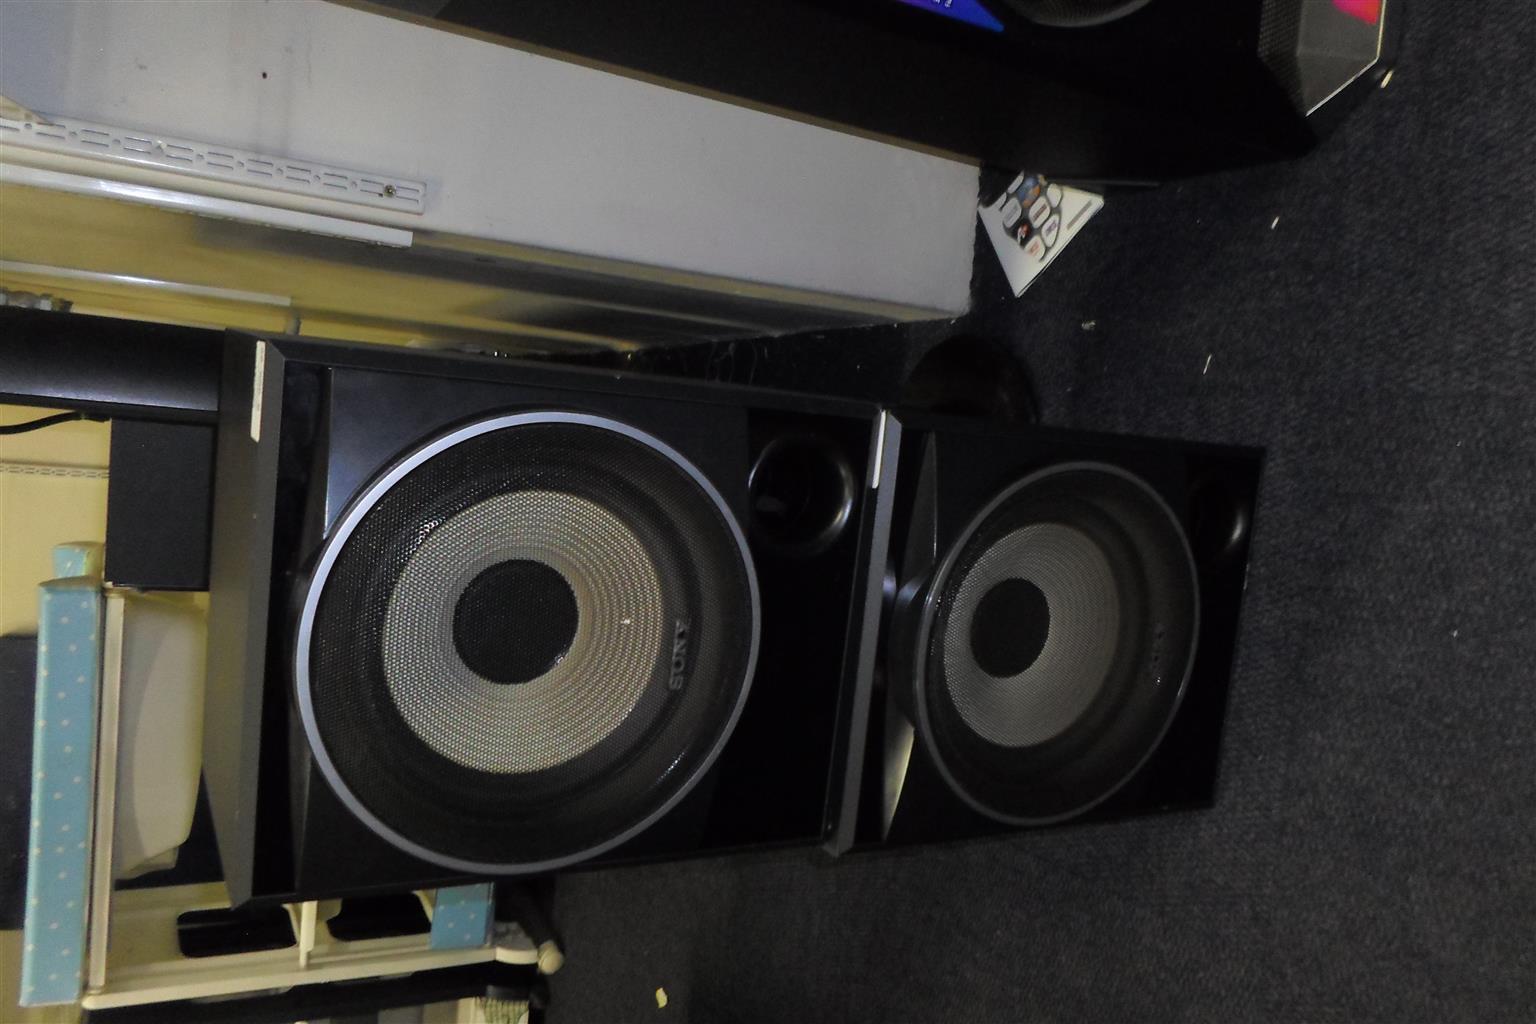 Sony Speaker System